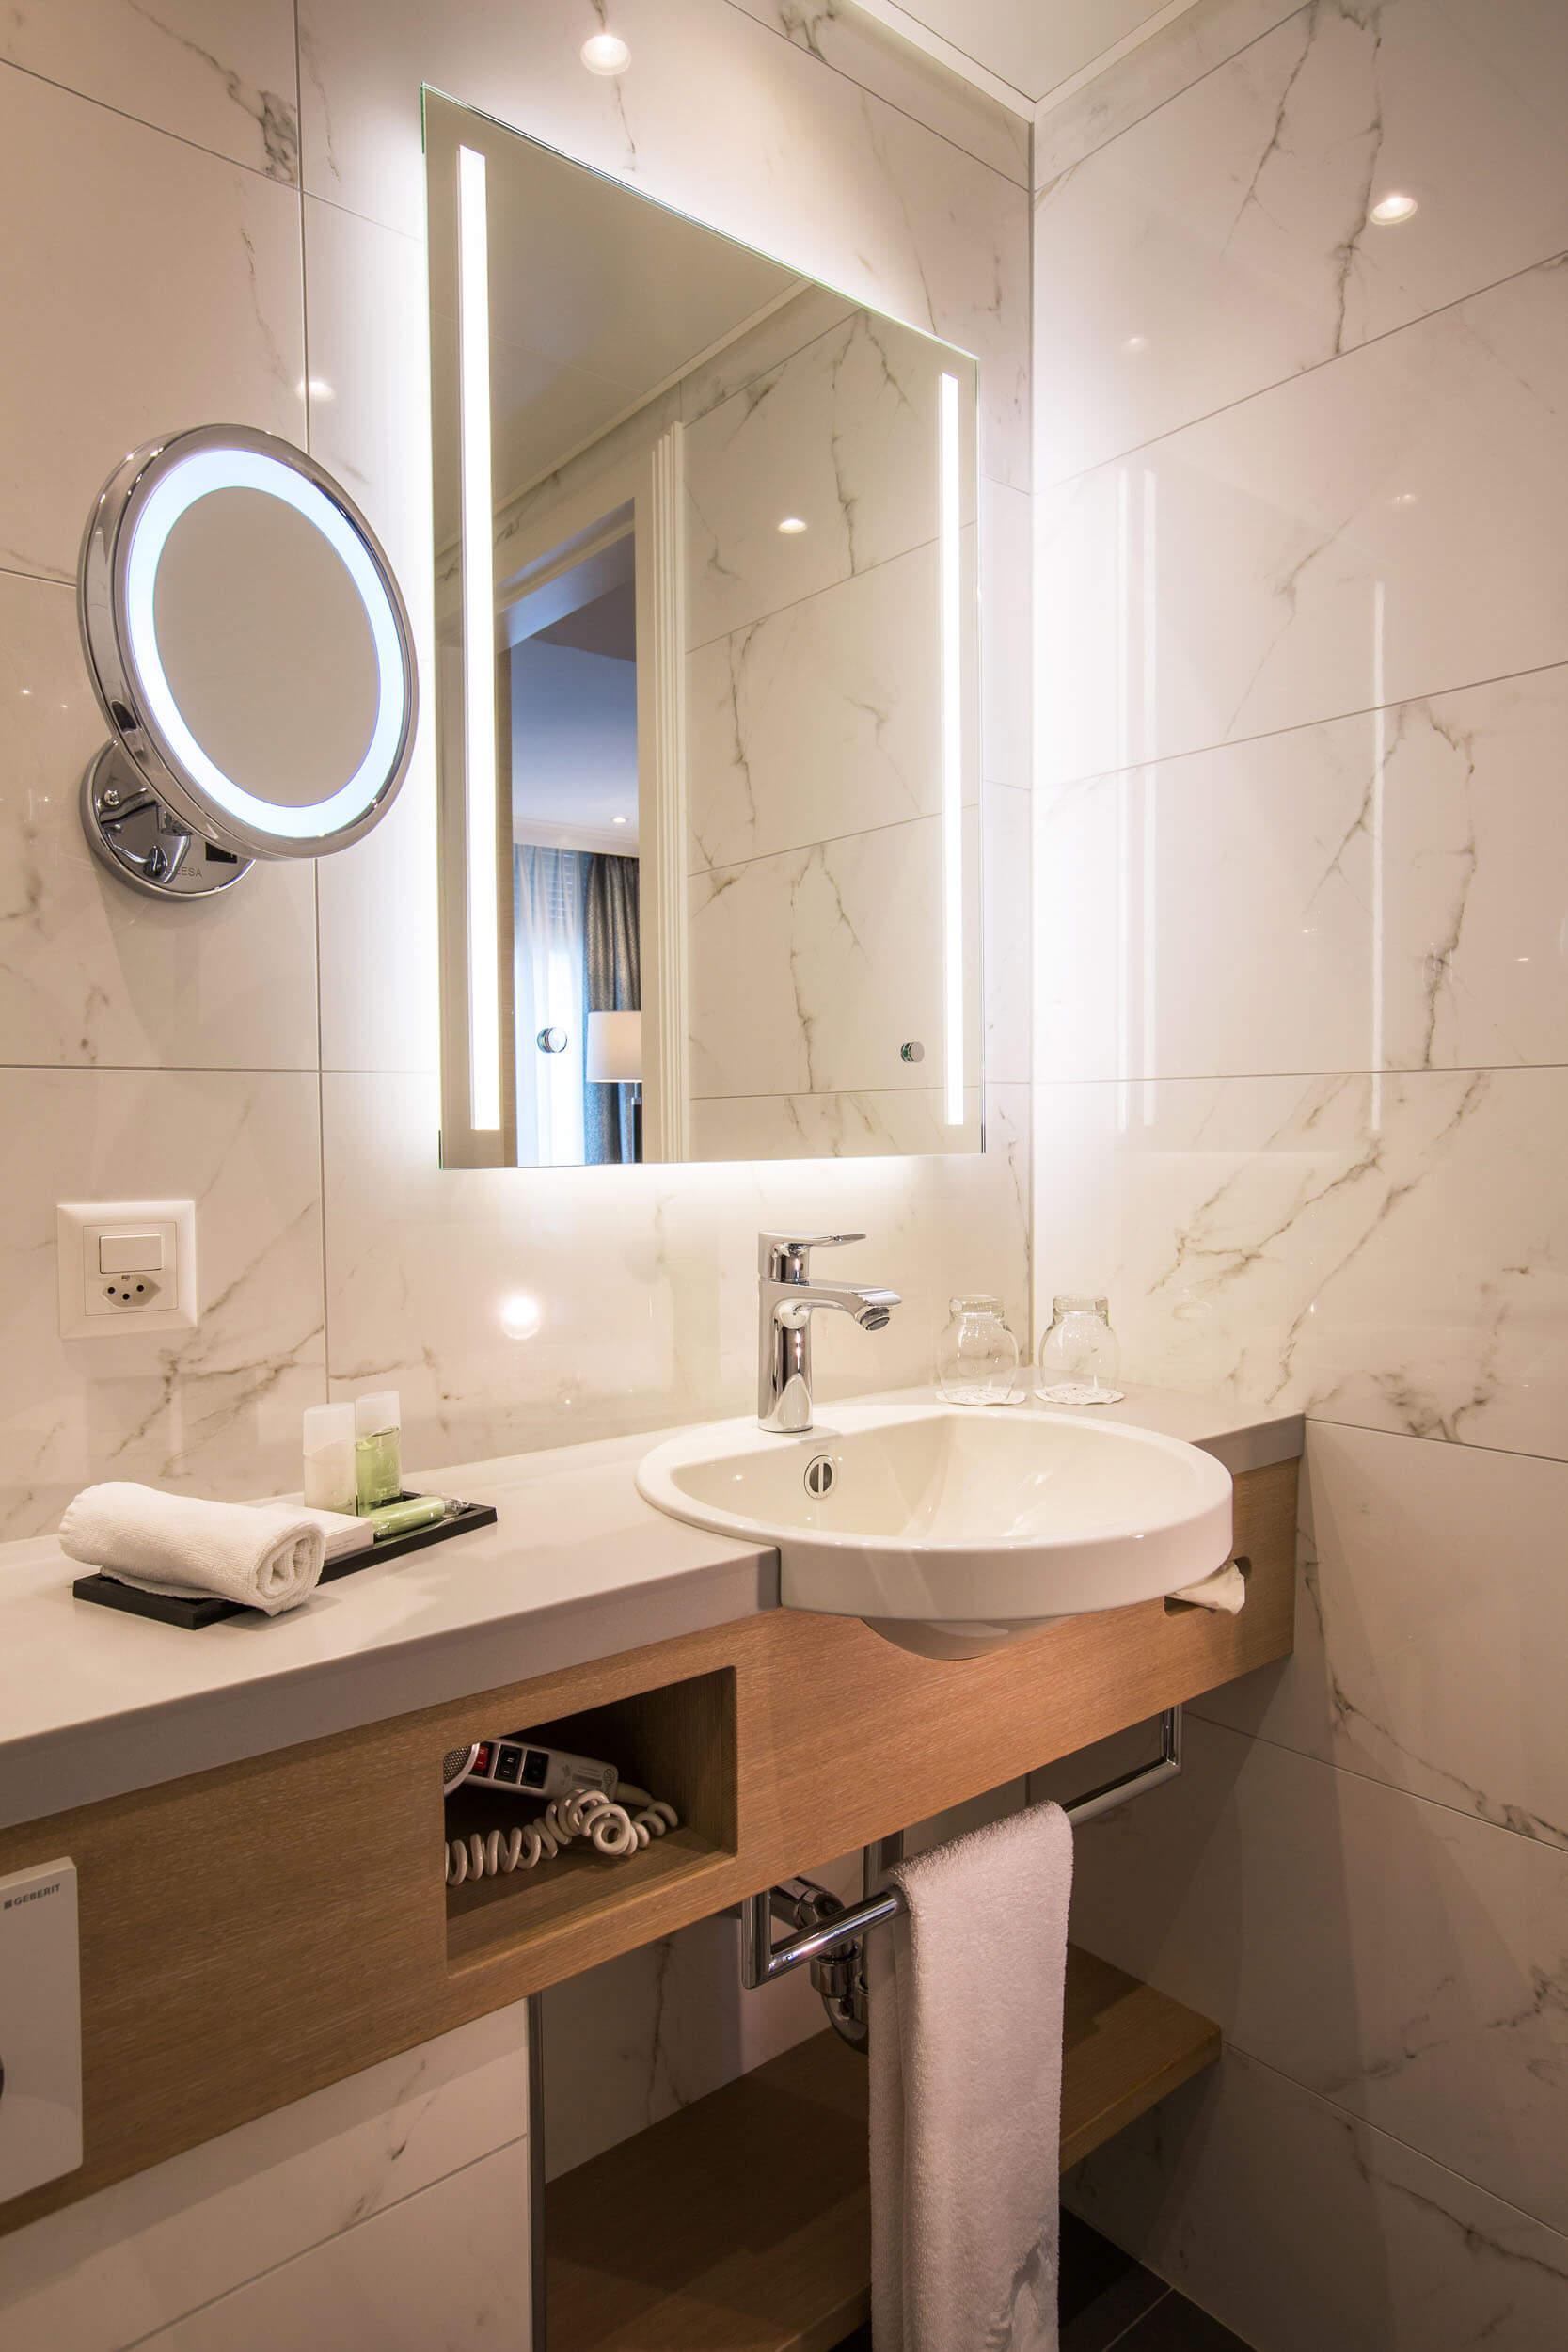 Salle de bainSuites de Luxe de l'Hôtel de la Paix Hôtel 4 étoiles en Suisse